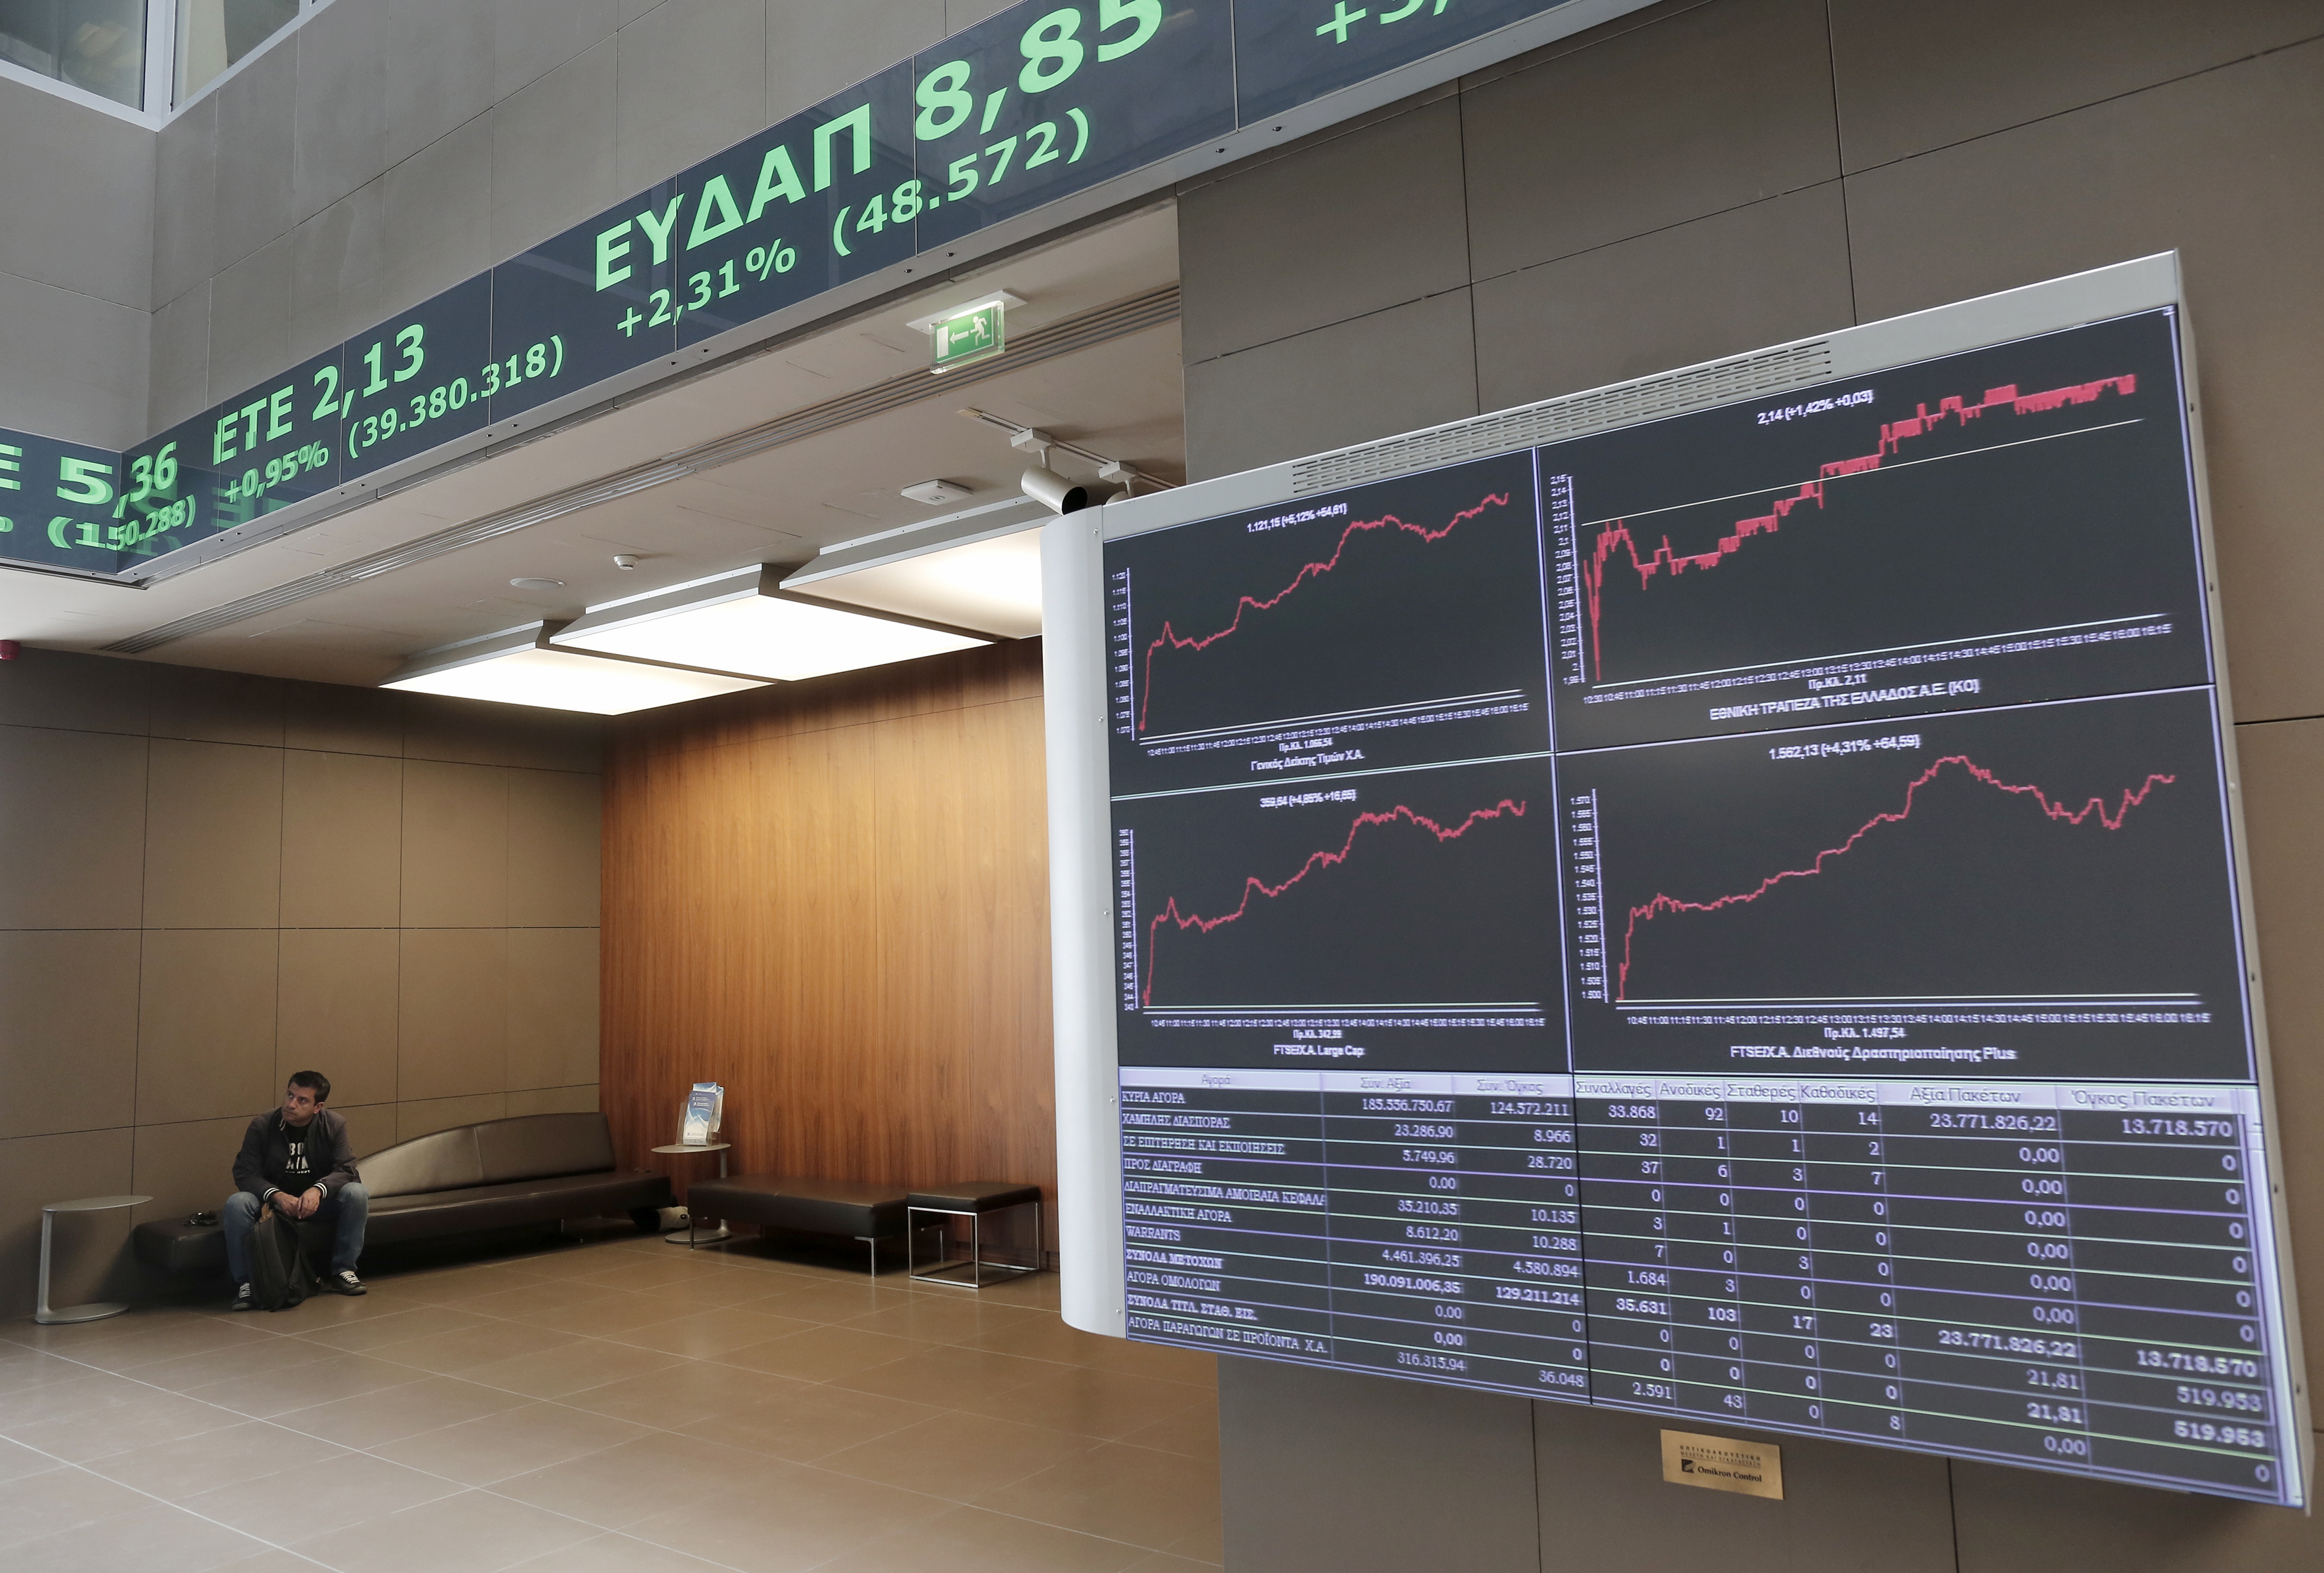 Με άνοδο έκλεισε το Χρηματιστήριο Αθηνών την Παρασκευή | tovima.gr